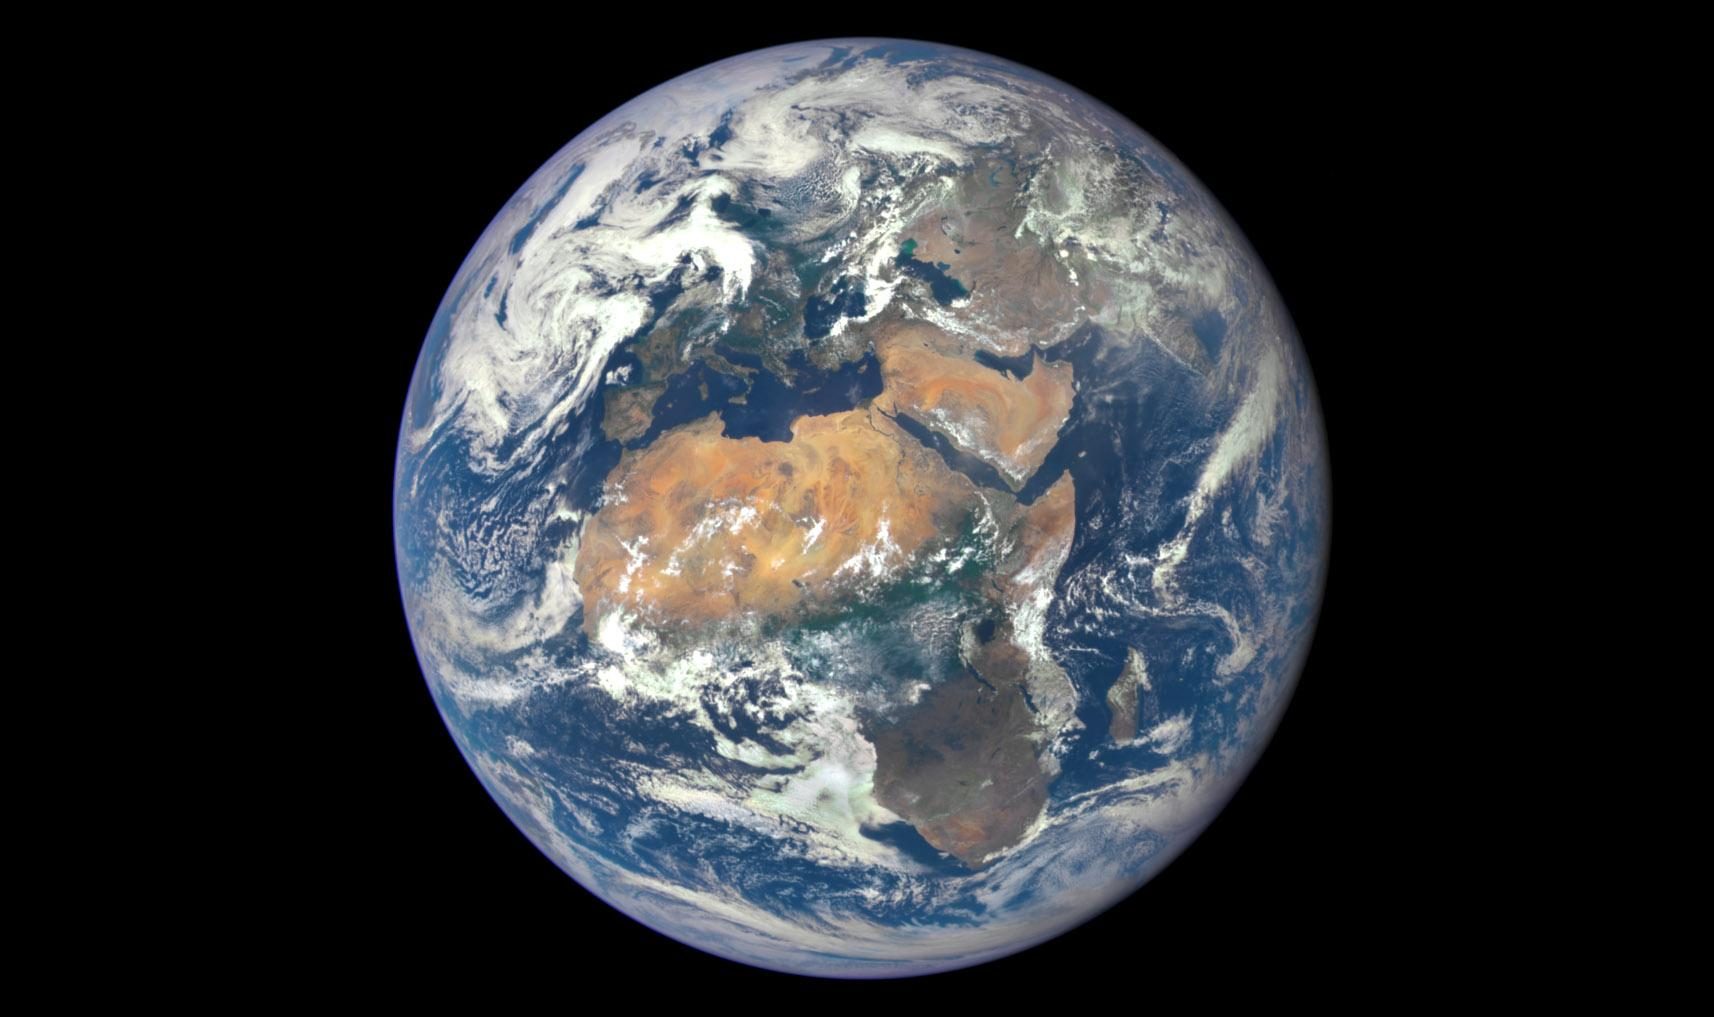 Фото Земли с аппарата DSCOVR, 29 июля 2015 г.